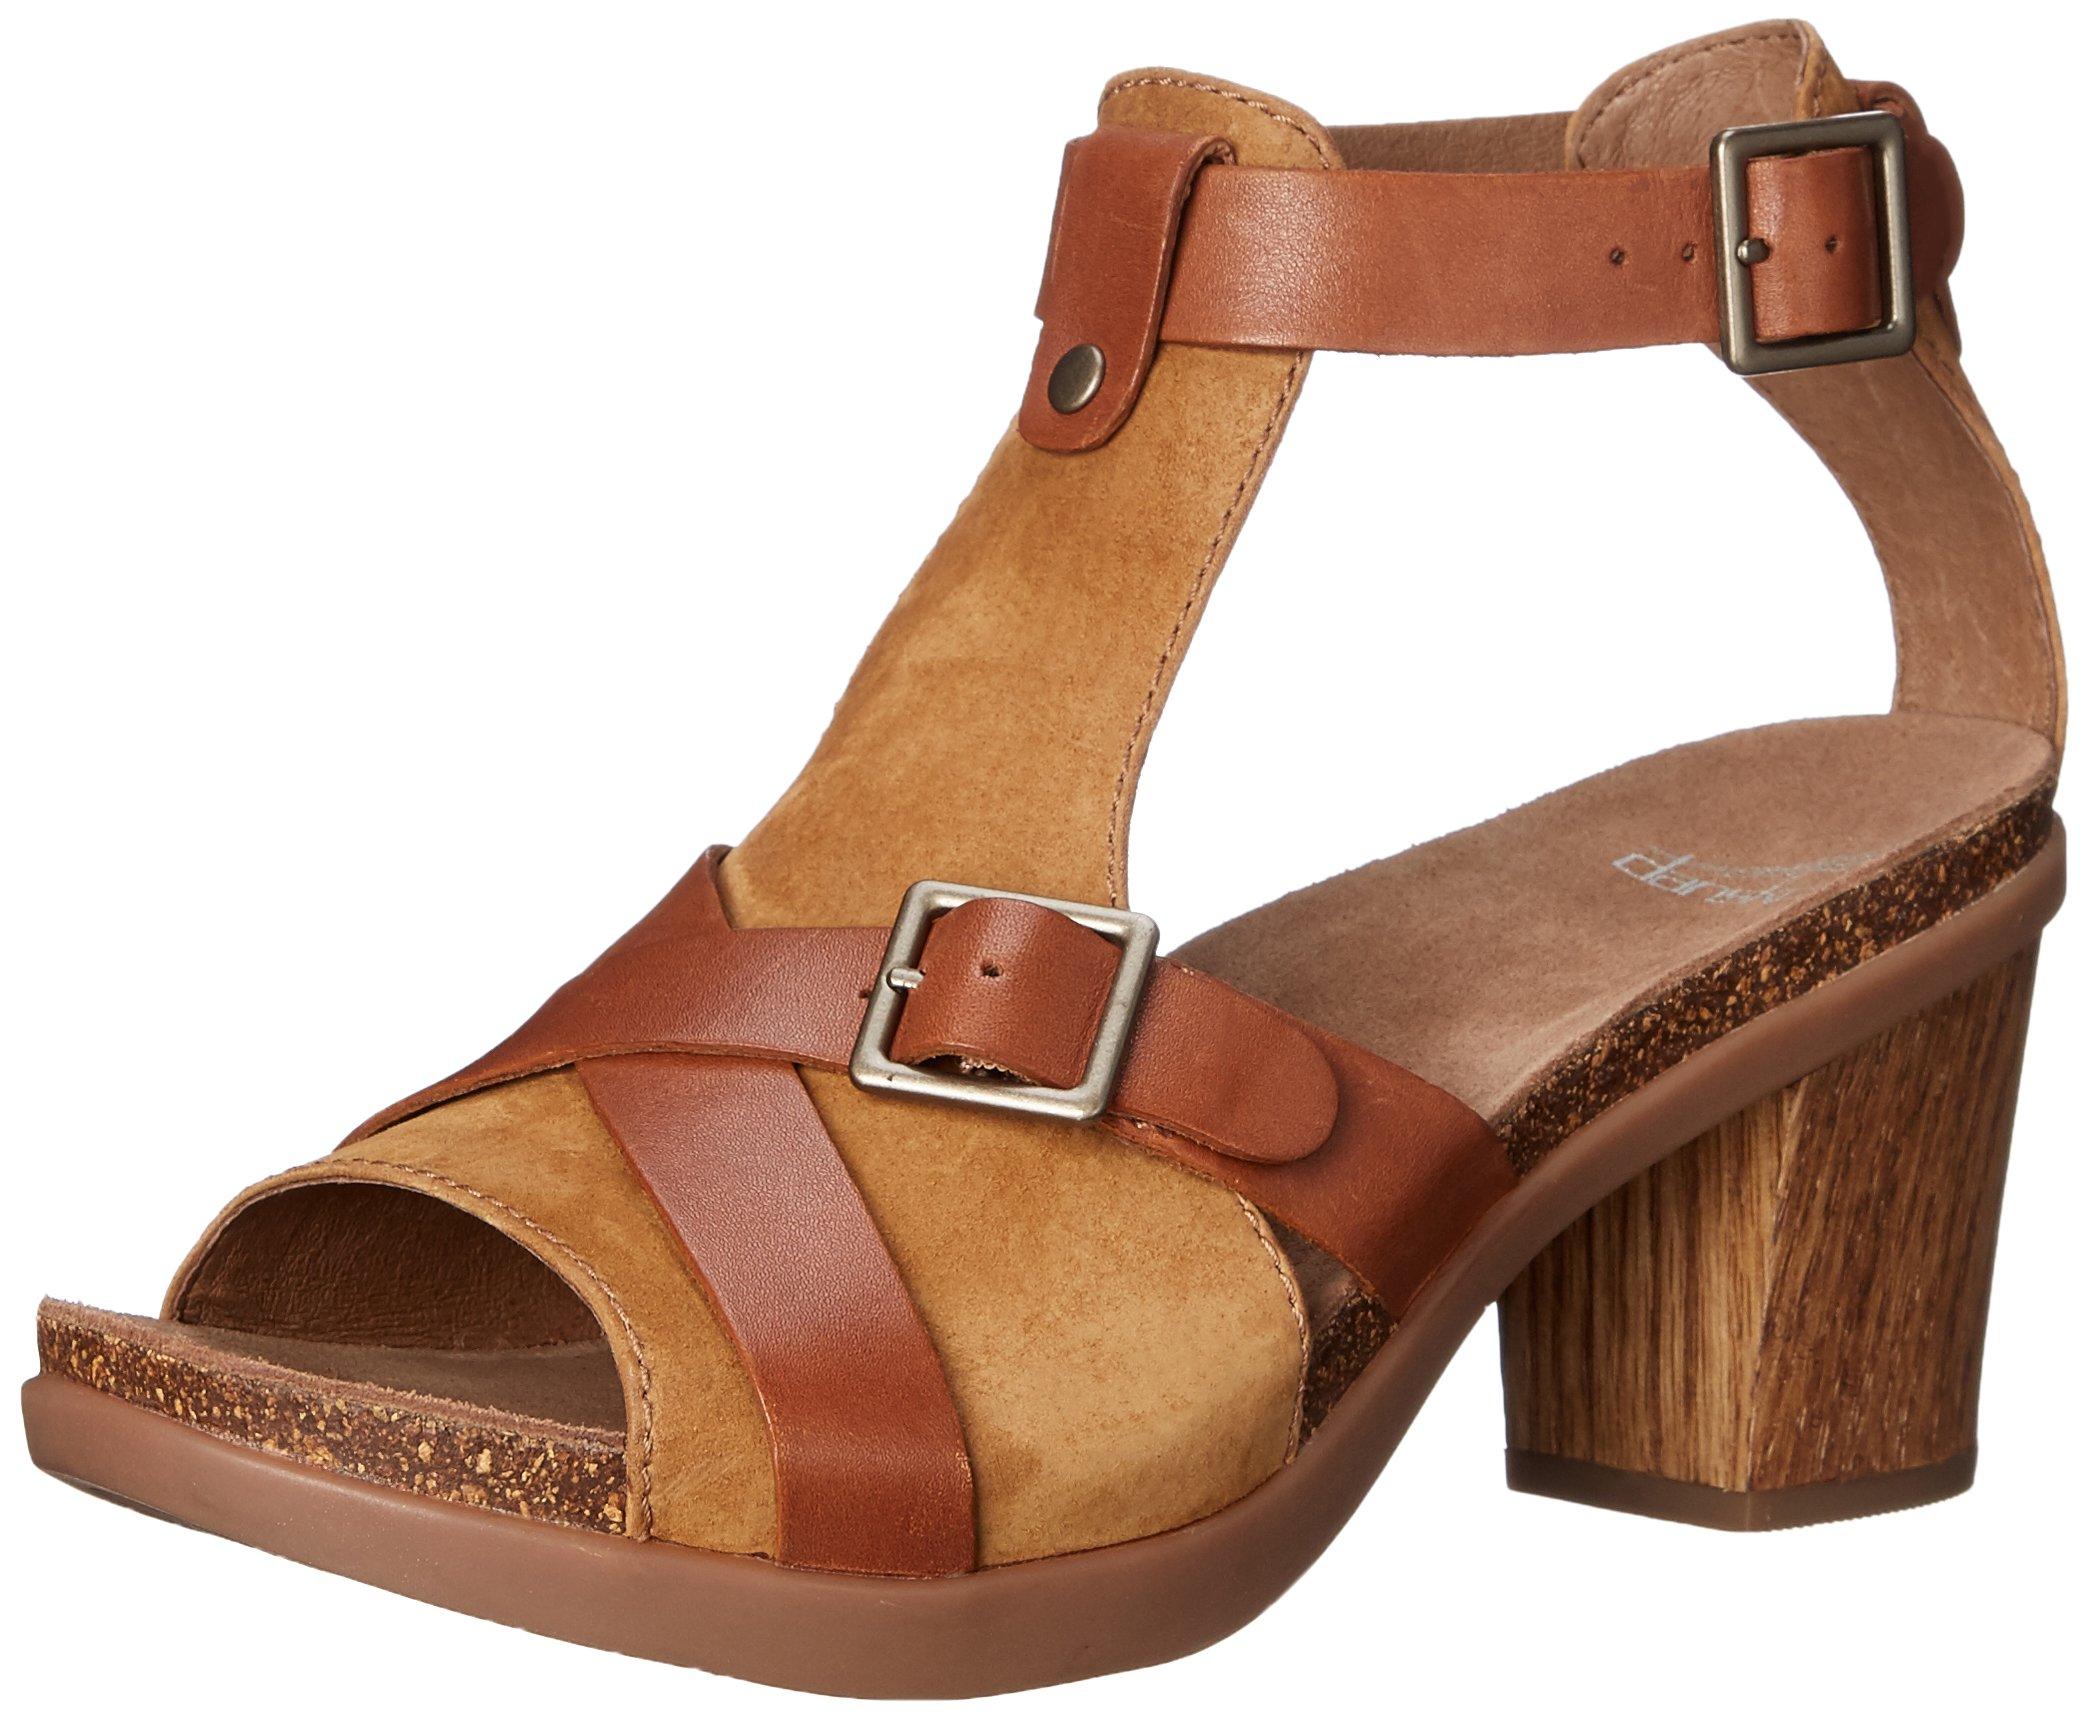 Dansko Women's Dominique Dress Sandal, Camel Leather, 41 EU/10.5-11 M US